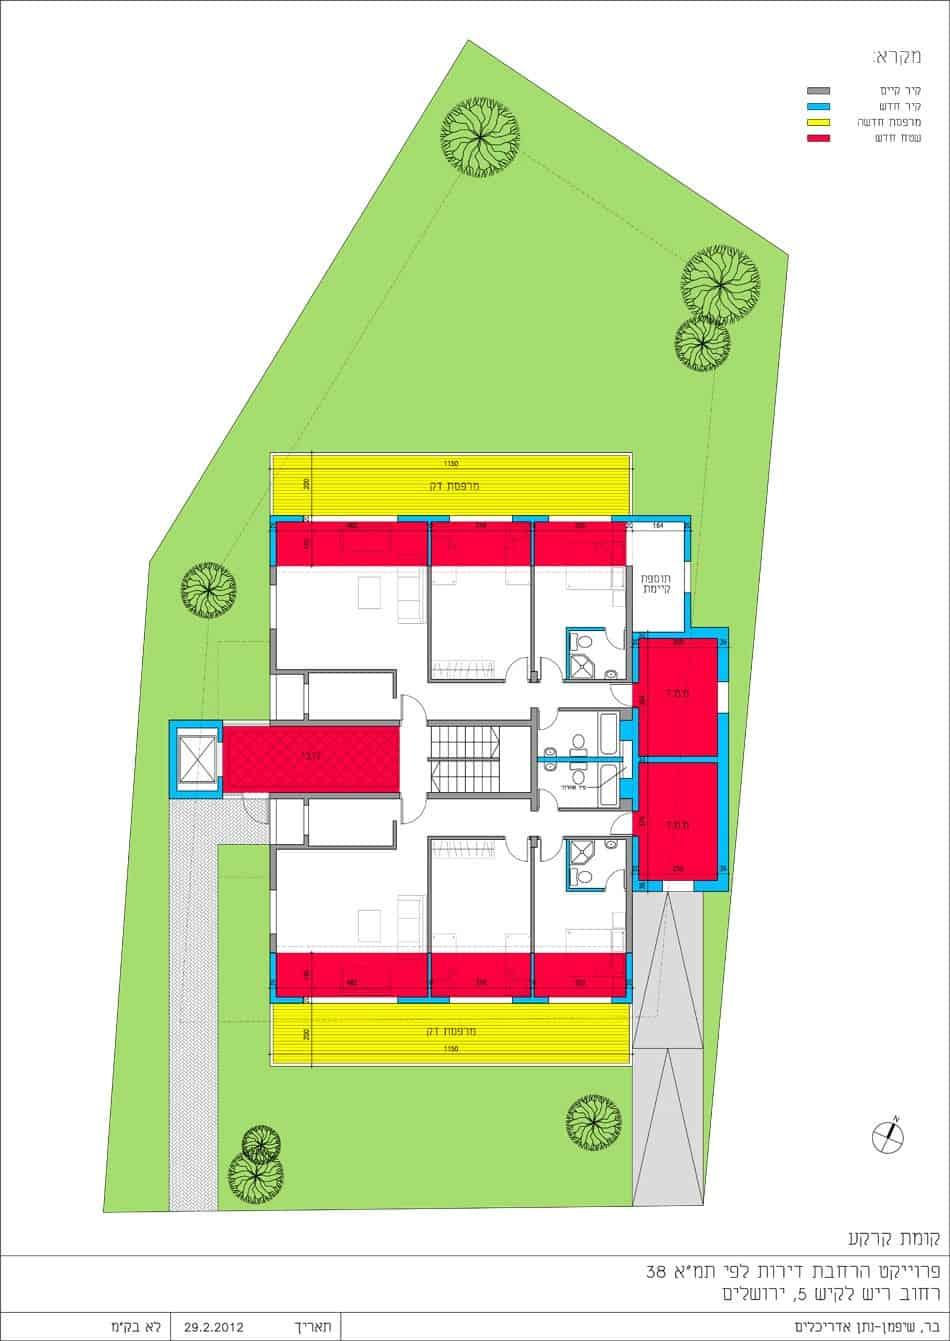 ריש לקיש 5, ירושלים - תוכנית קומת קרקע יישום פרויקט תמא 38